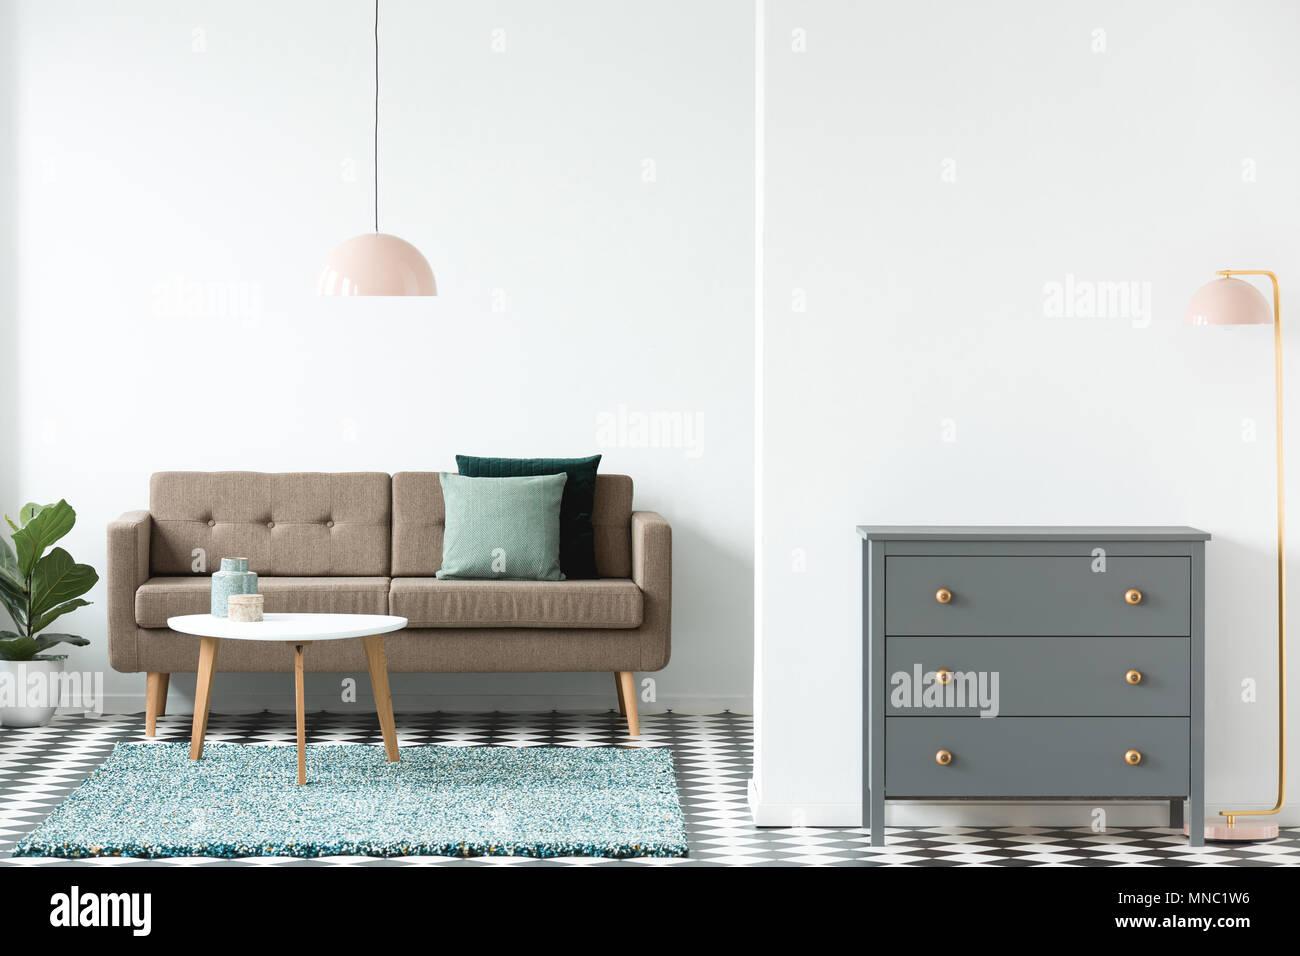 Rosa Lampe Neben Grau Gehäuse Im Retro Look Wohnzimmer Einrichtung